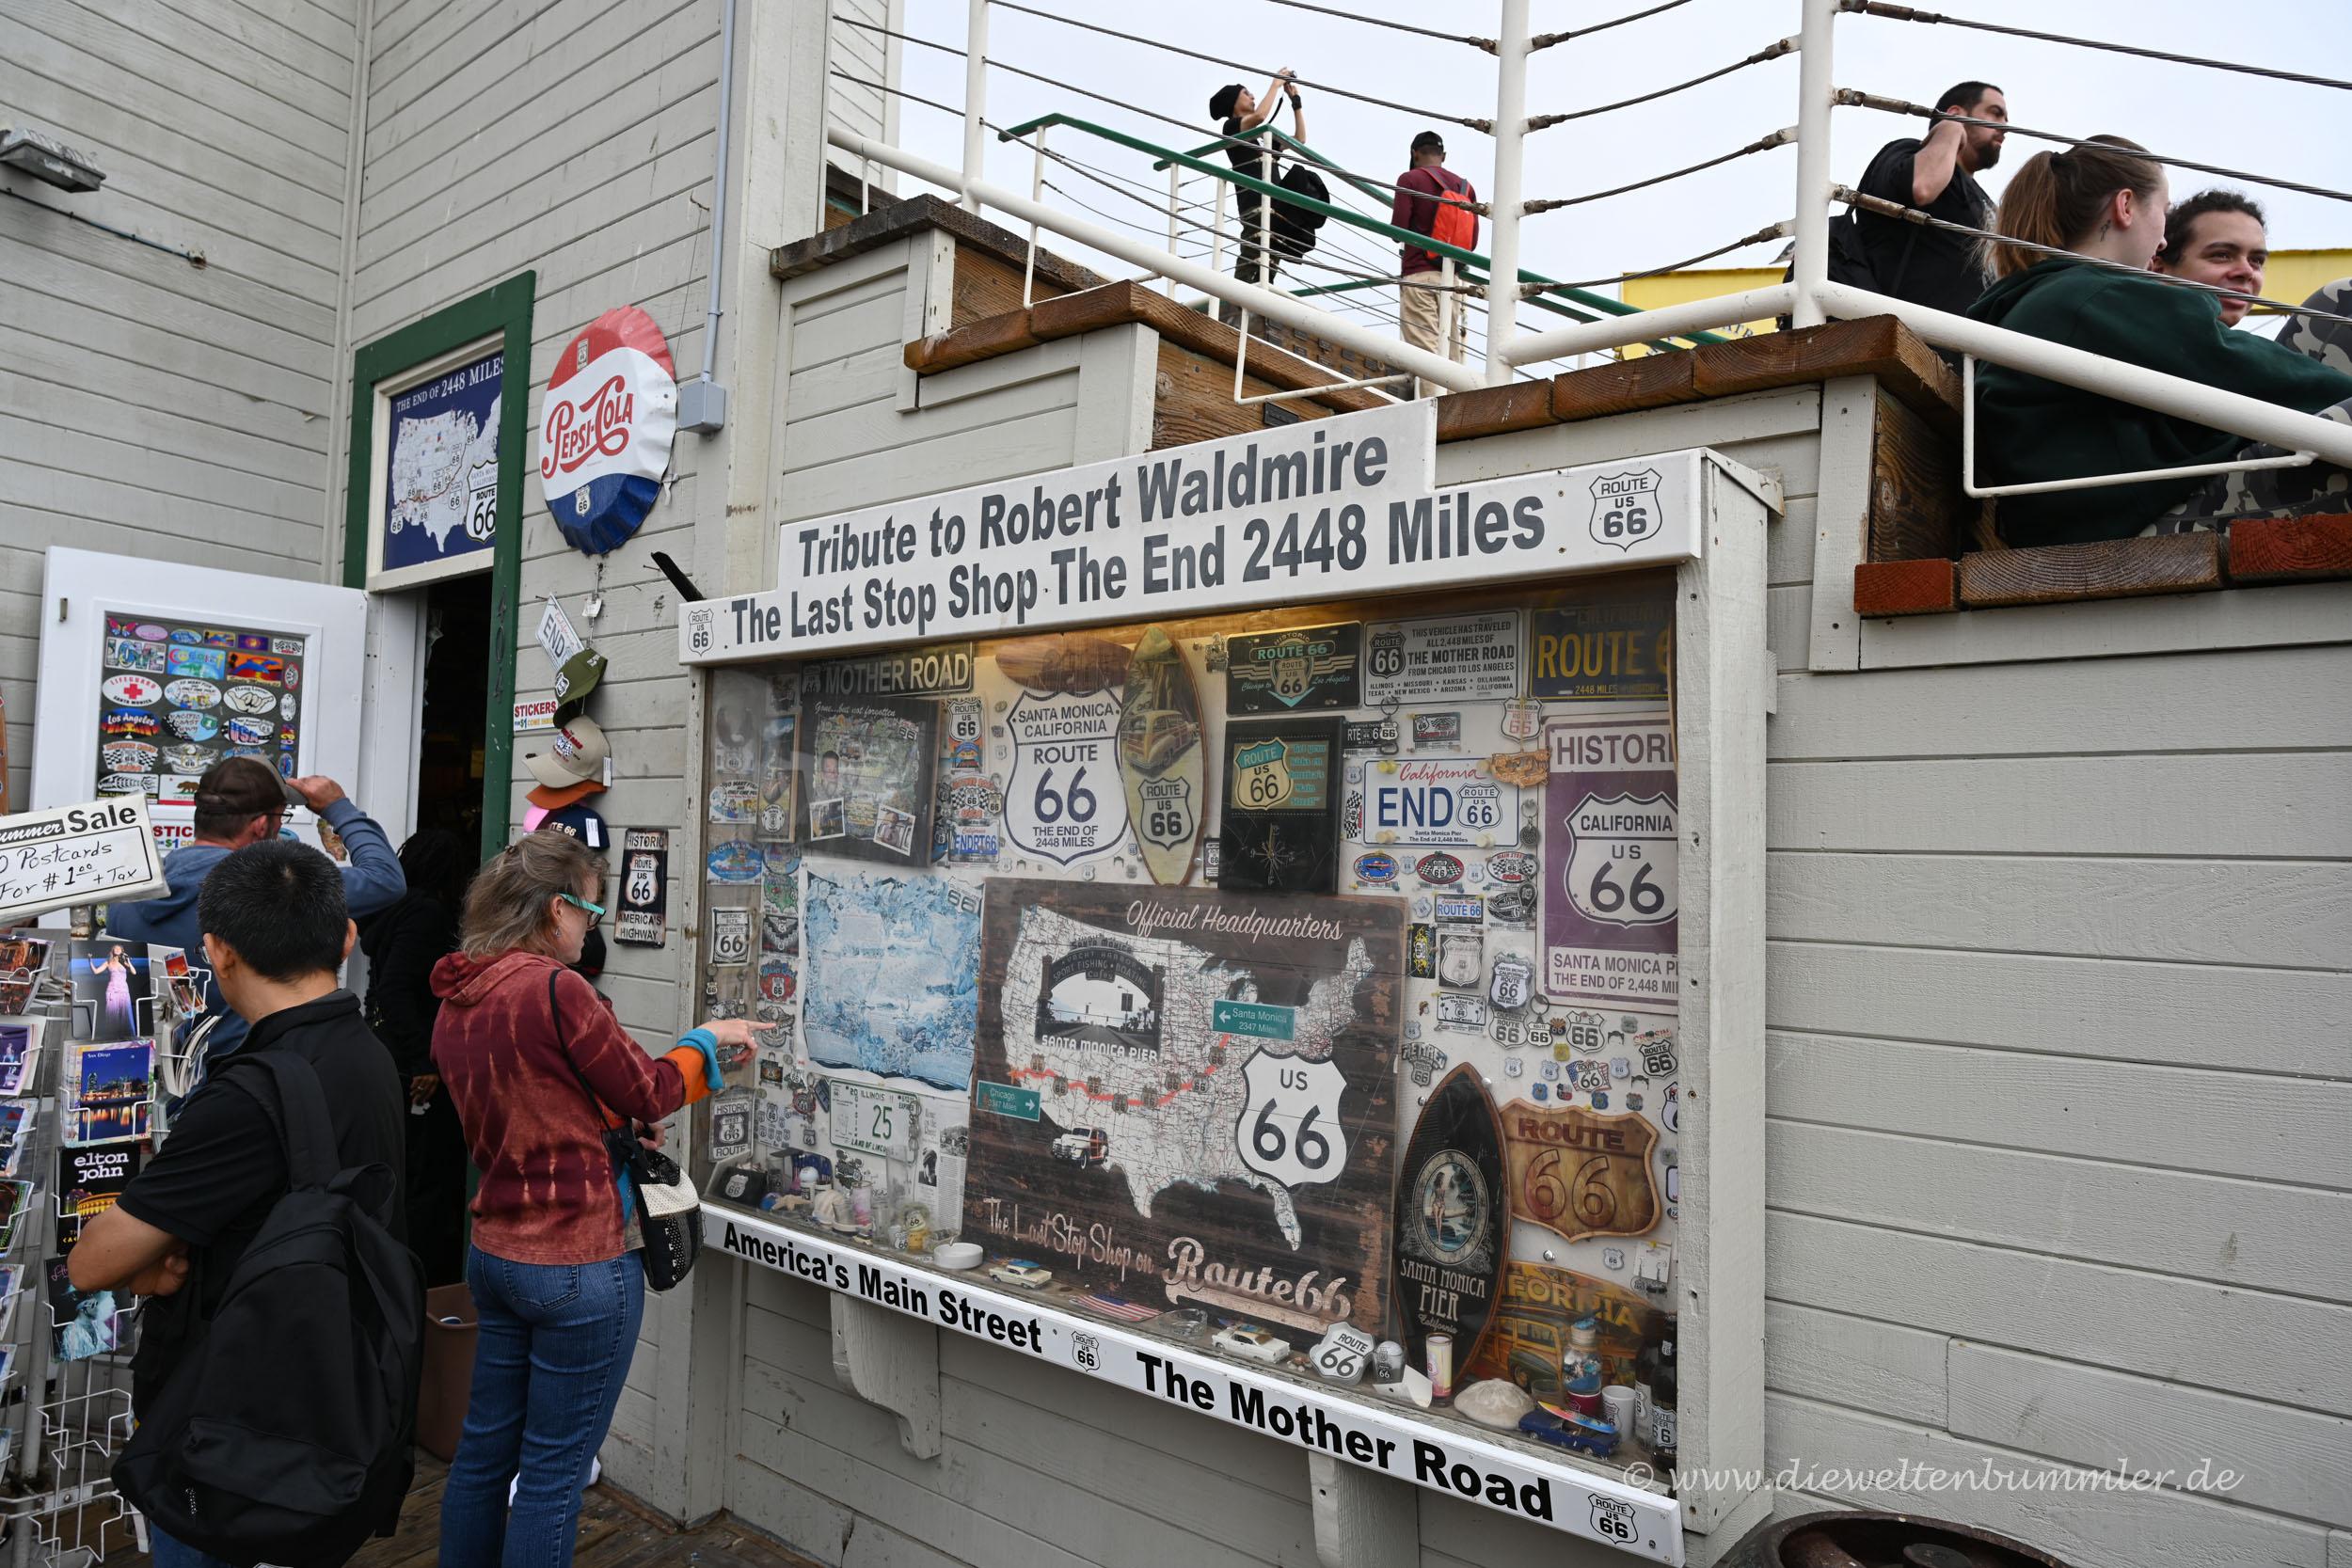 Route 66 Last Stop Shop